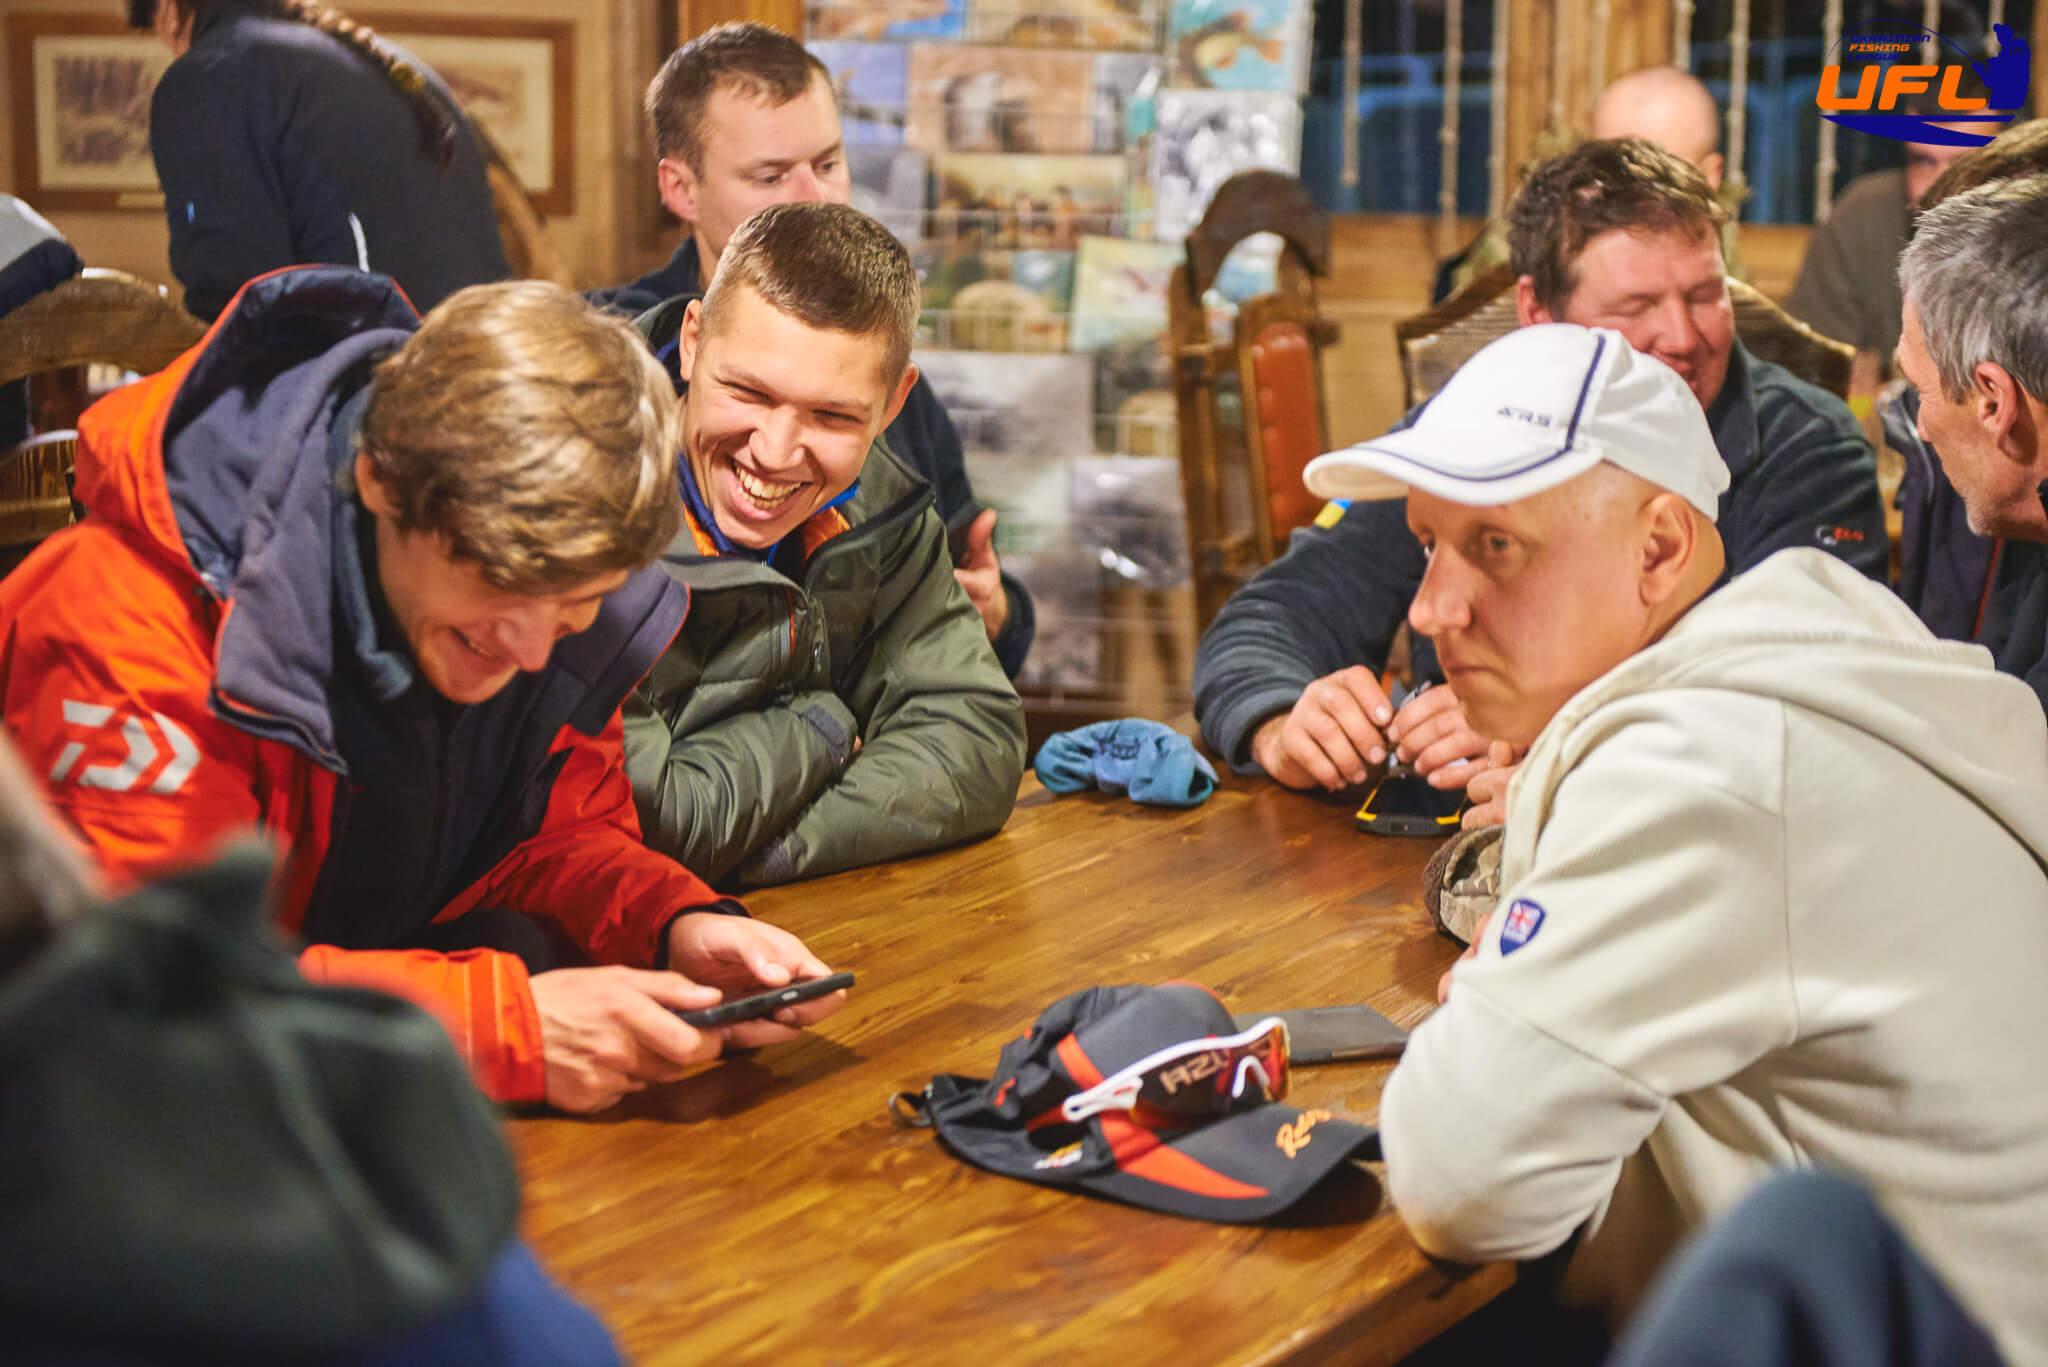 29-zbori-kapitaniv-andrusyak-kirilo-semenov-oleksii-taran-dmitro-smoi-lovskii-andrii-romanchuk-oleksandr-orlov-yurii